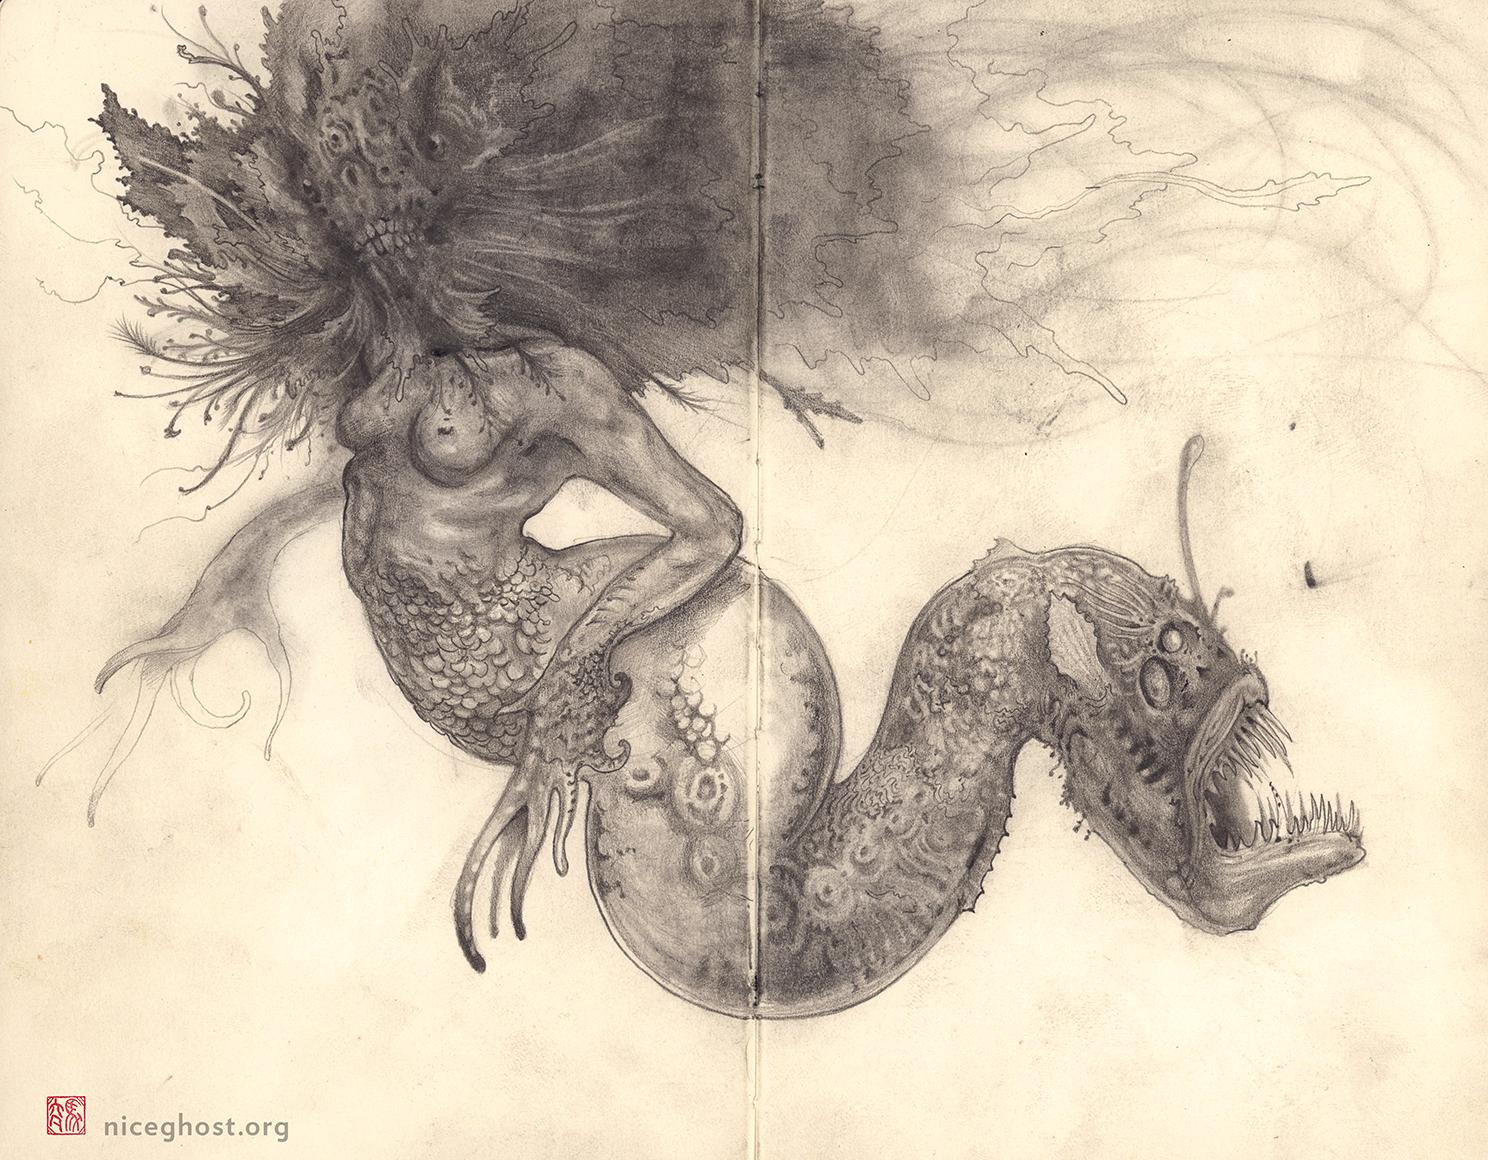 Mermaid_Preview.jpg